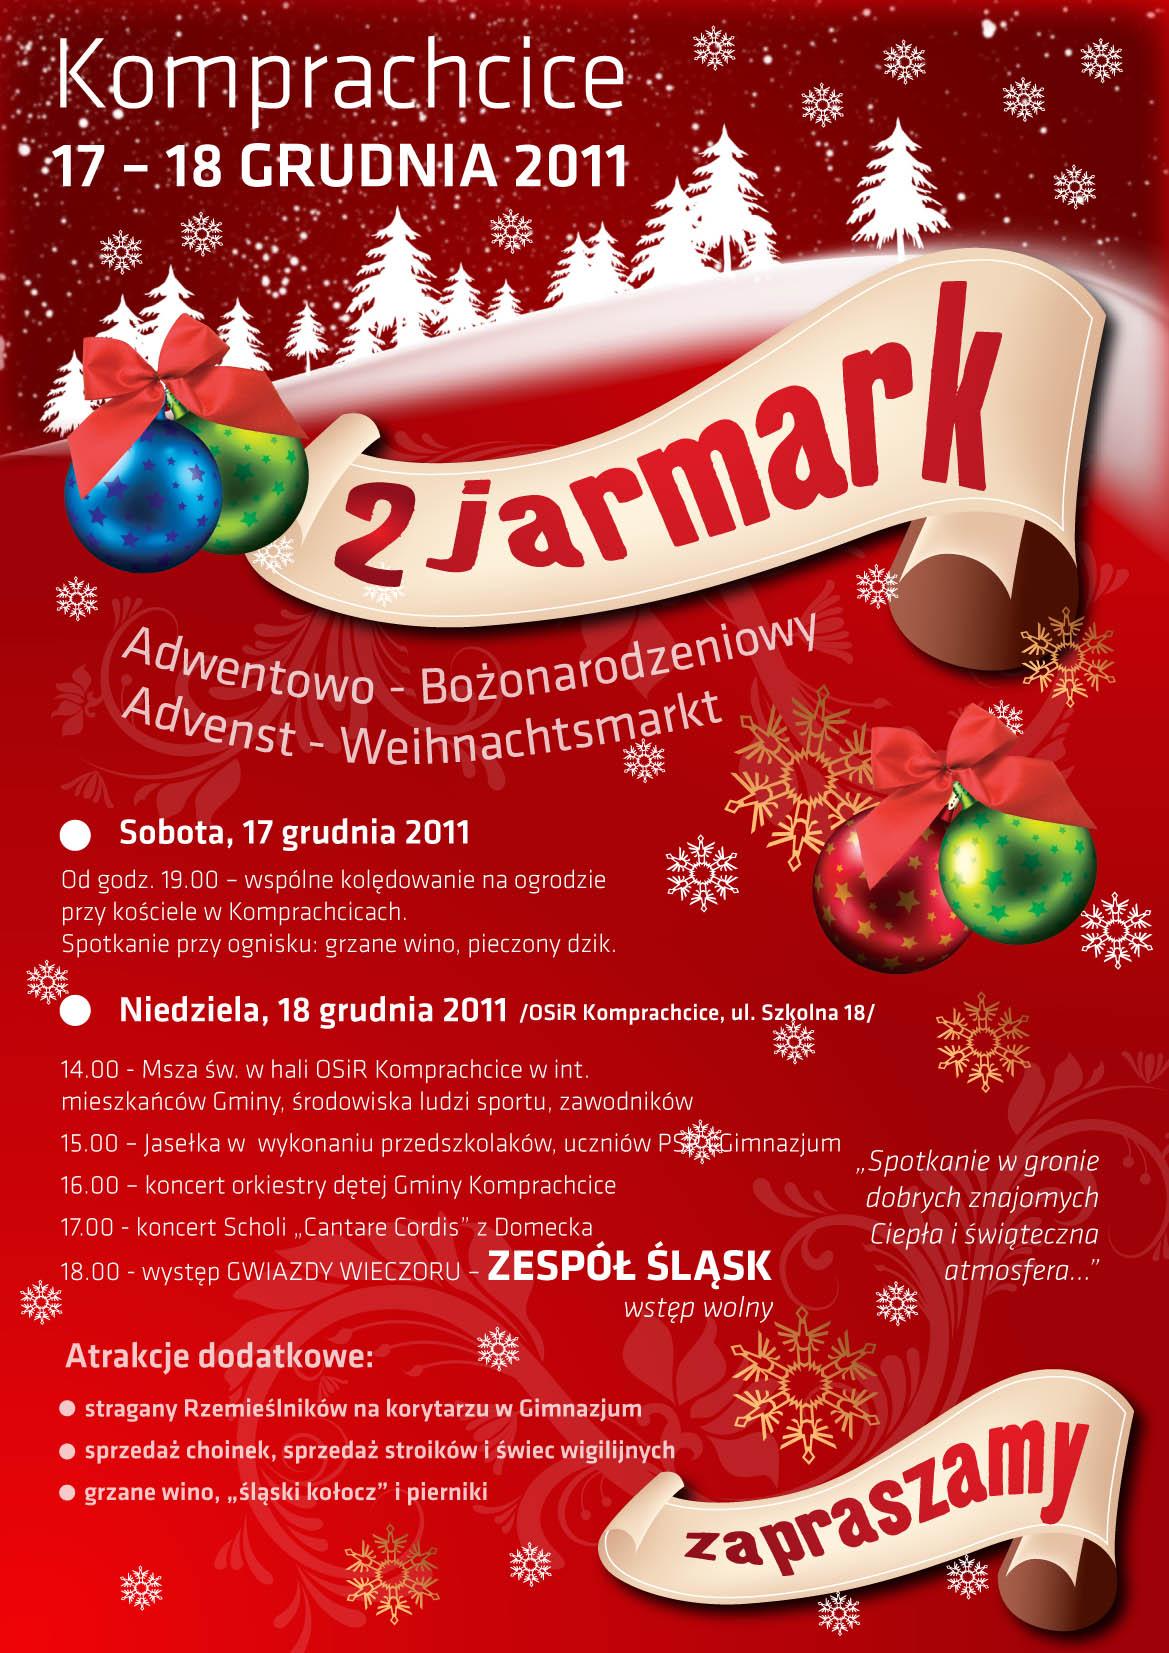 Program II Jarmarku Adwentowo-Bożonarodzeniowego w Komprachcicach